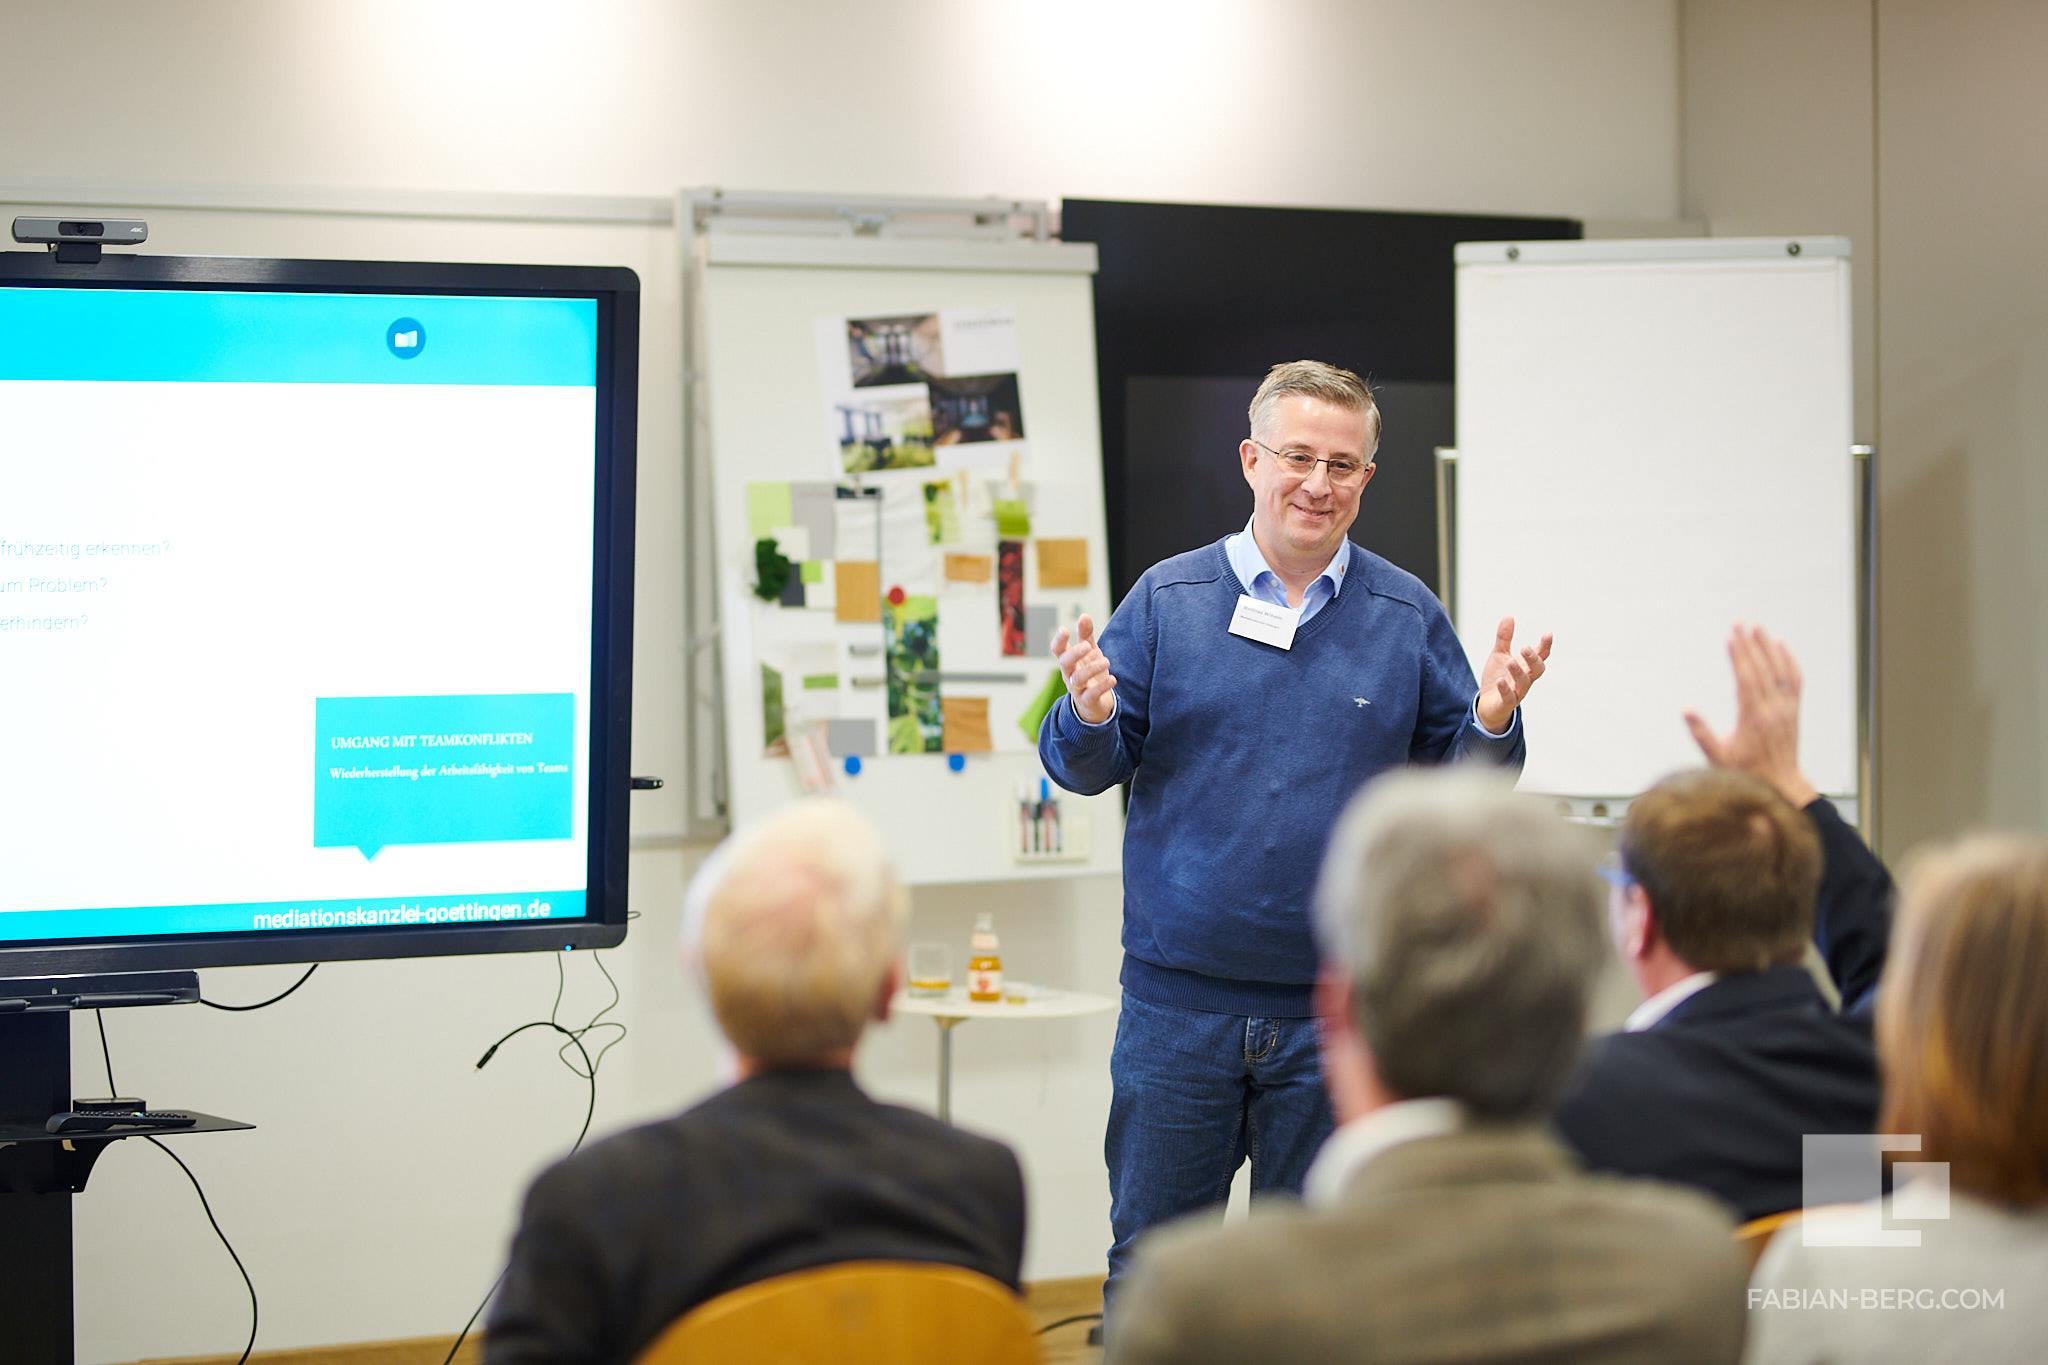 Mediationskanzlei Göttingen rührt regelmäßig die Werbetrommel für Mediaiton und Konfliktmanagement